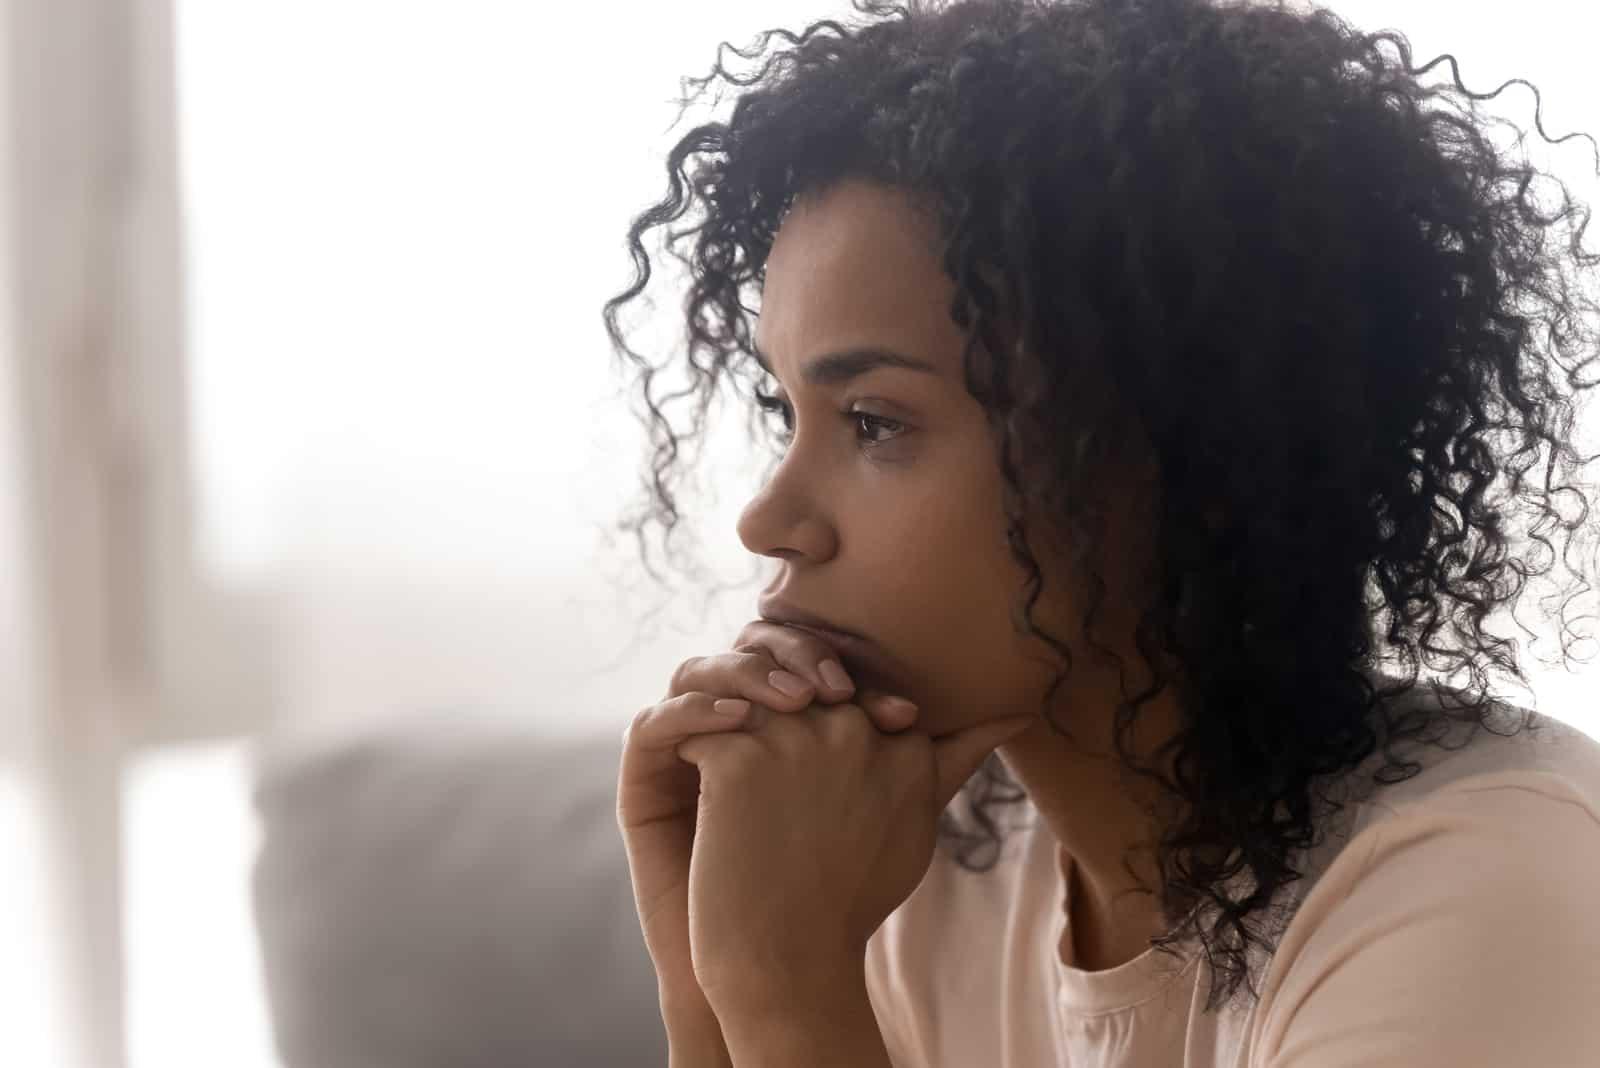 nachdenkliche Frau, die an Probleme denkt